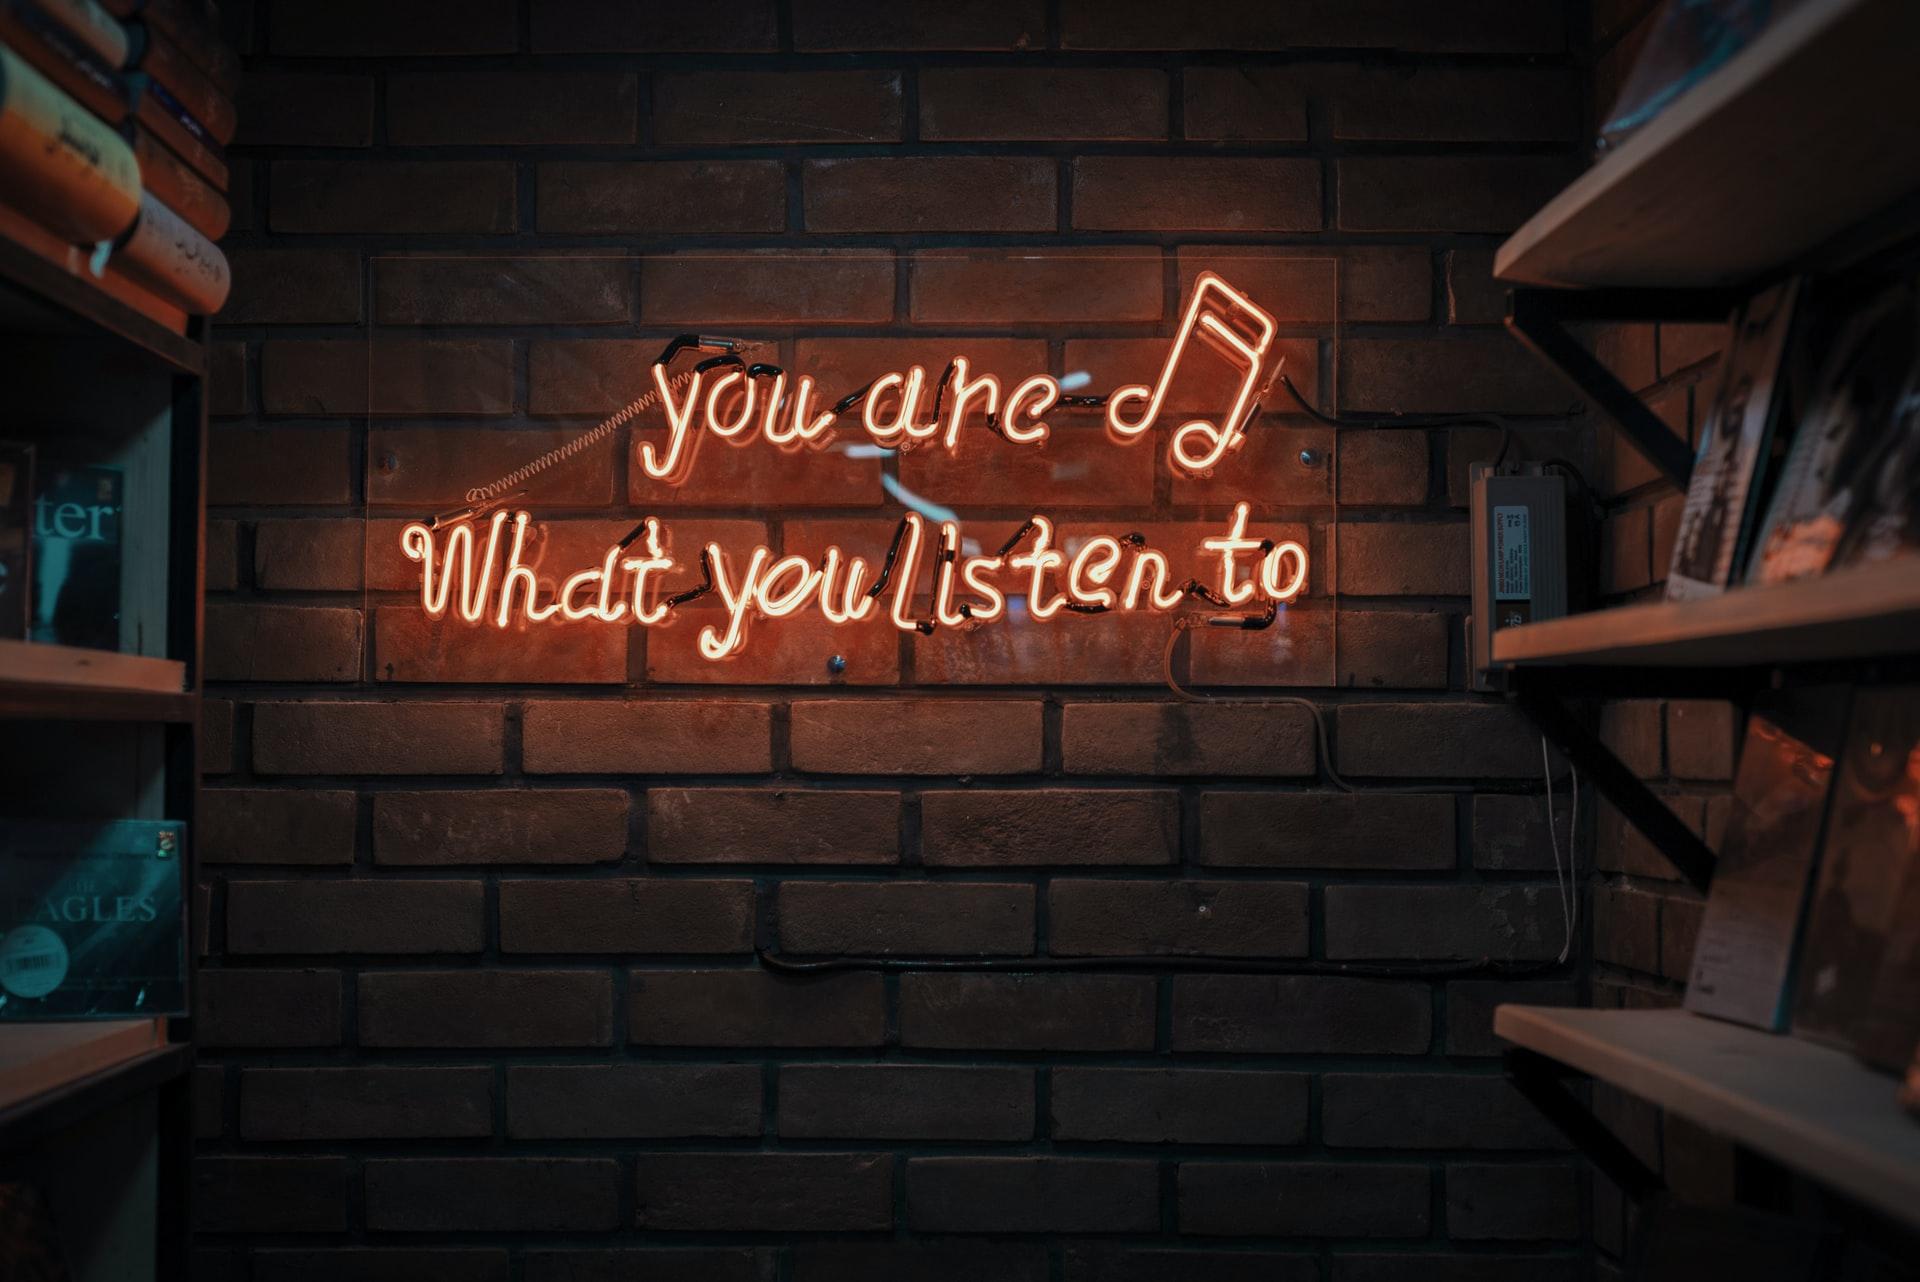 chanson musique paroles lumières